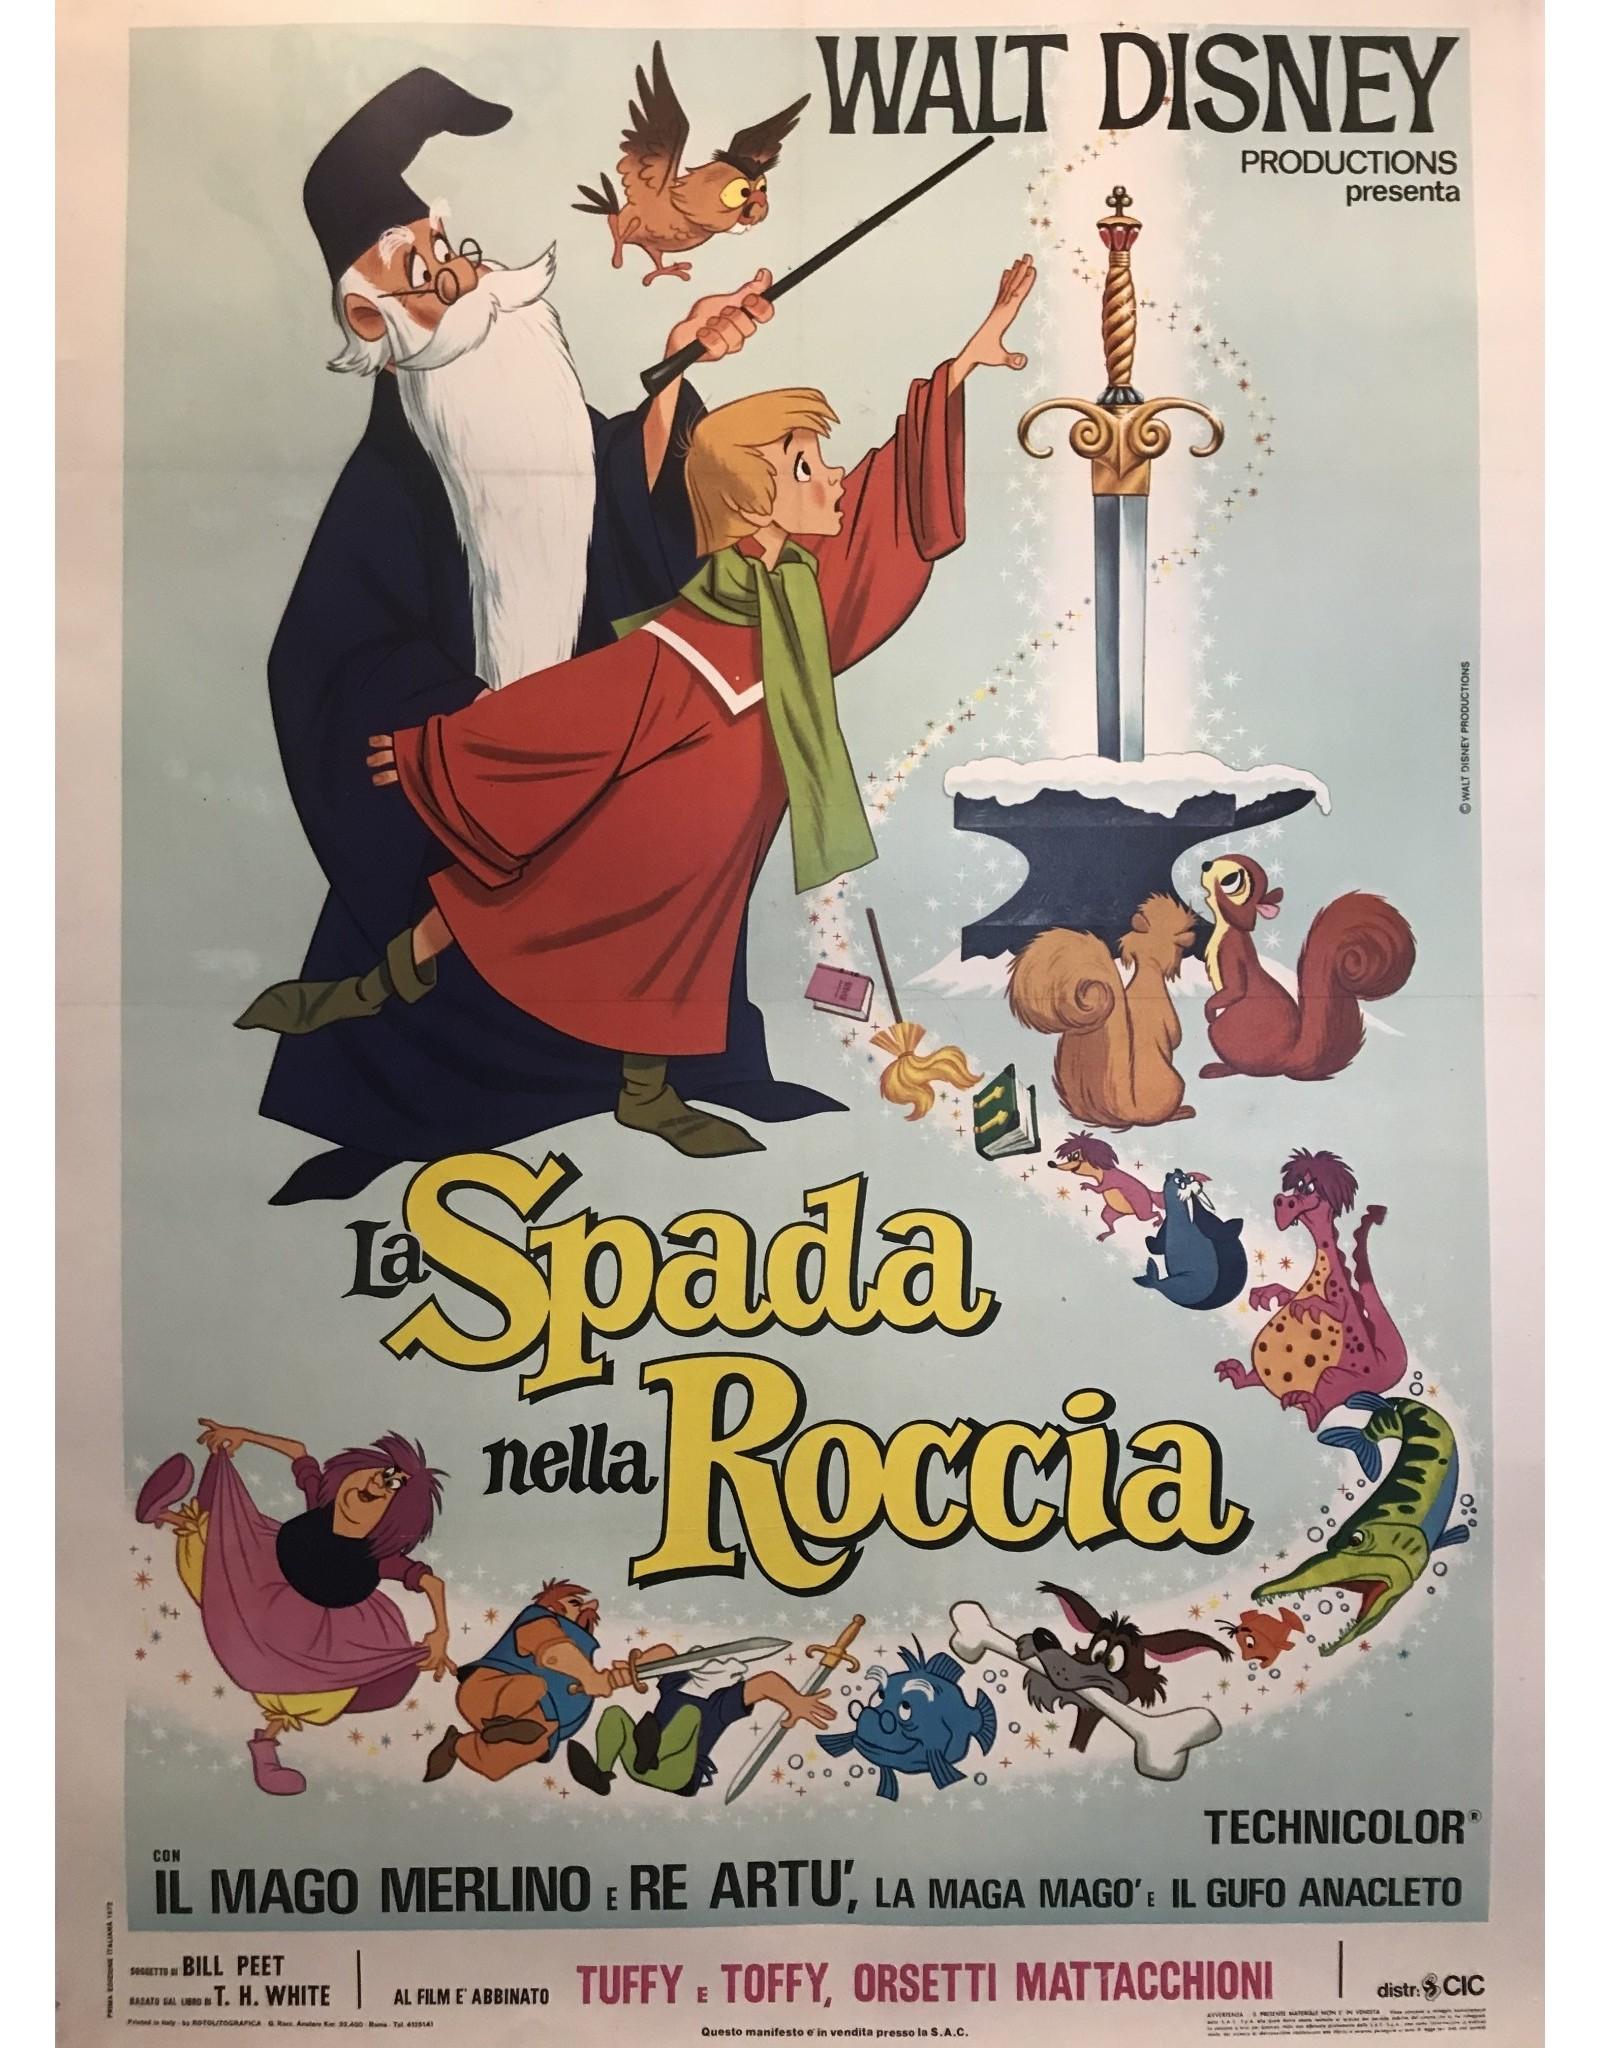 SPV Walt Disney LaSpanda nella Roccia (the Sword in the Stone)